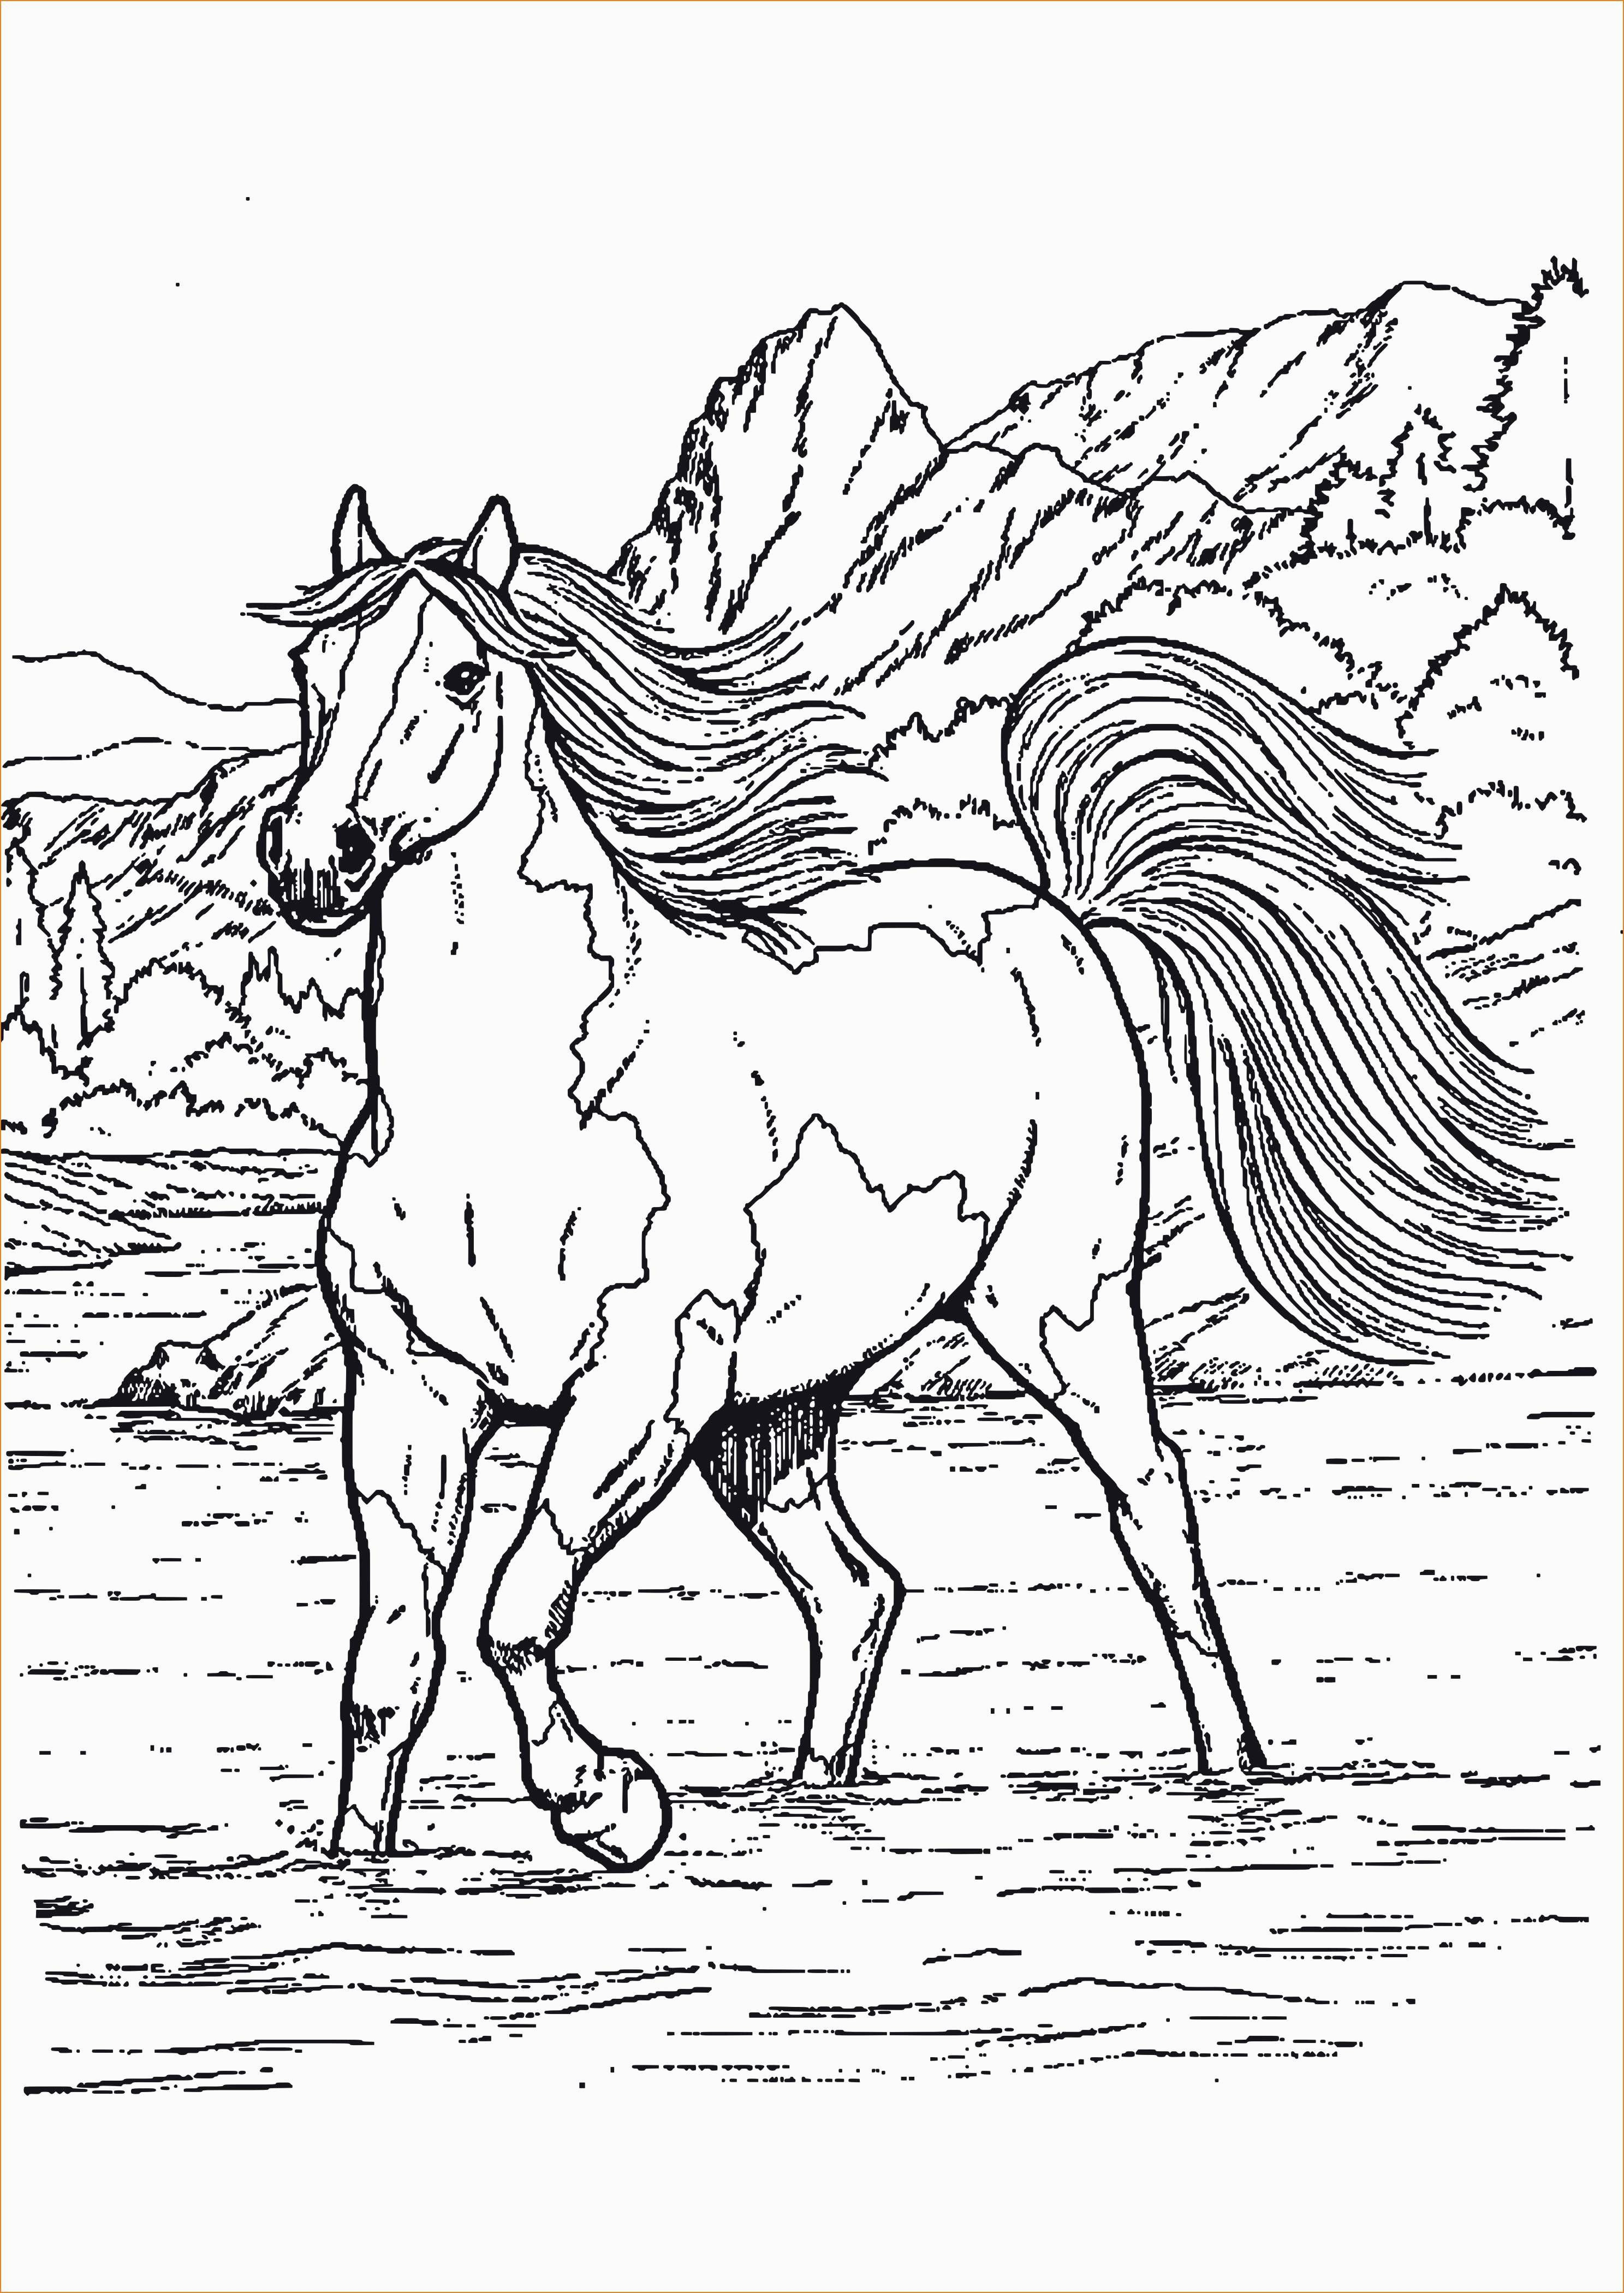 Tierbilder Zum Ausmalen Und Ausdrucken Neu Pferde Ausmalbilder Zum Ausdrucken Kostenlos Kollektionen Von Stock